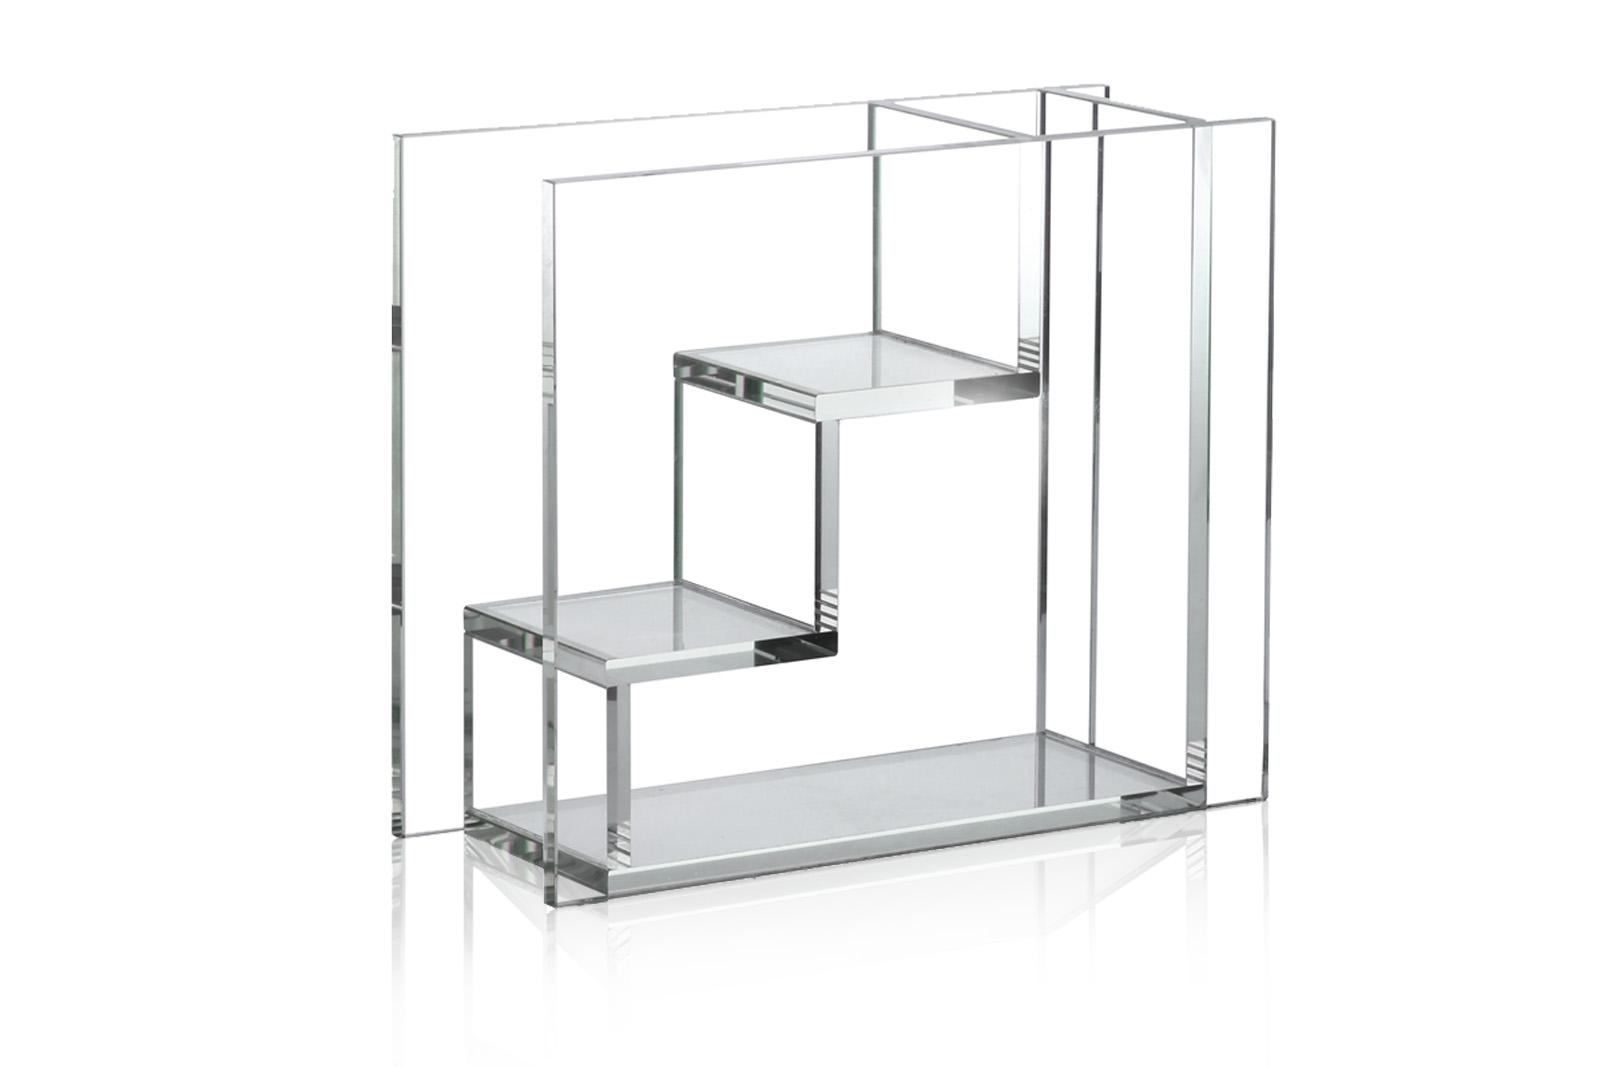 HKliving アーキテクトデザインのガラスベース クリアカラー 高さ21cm